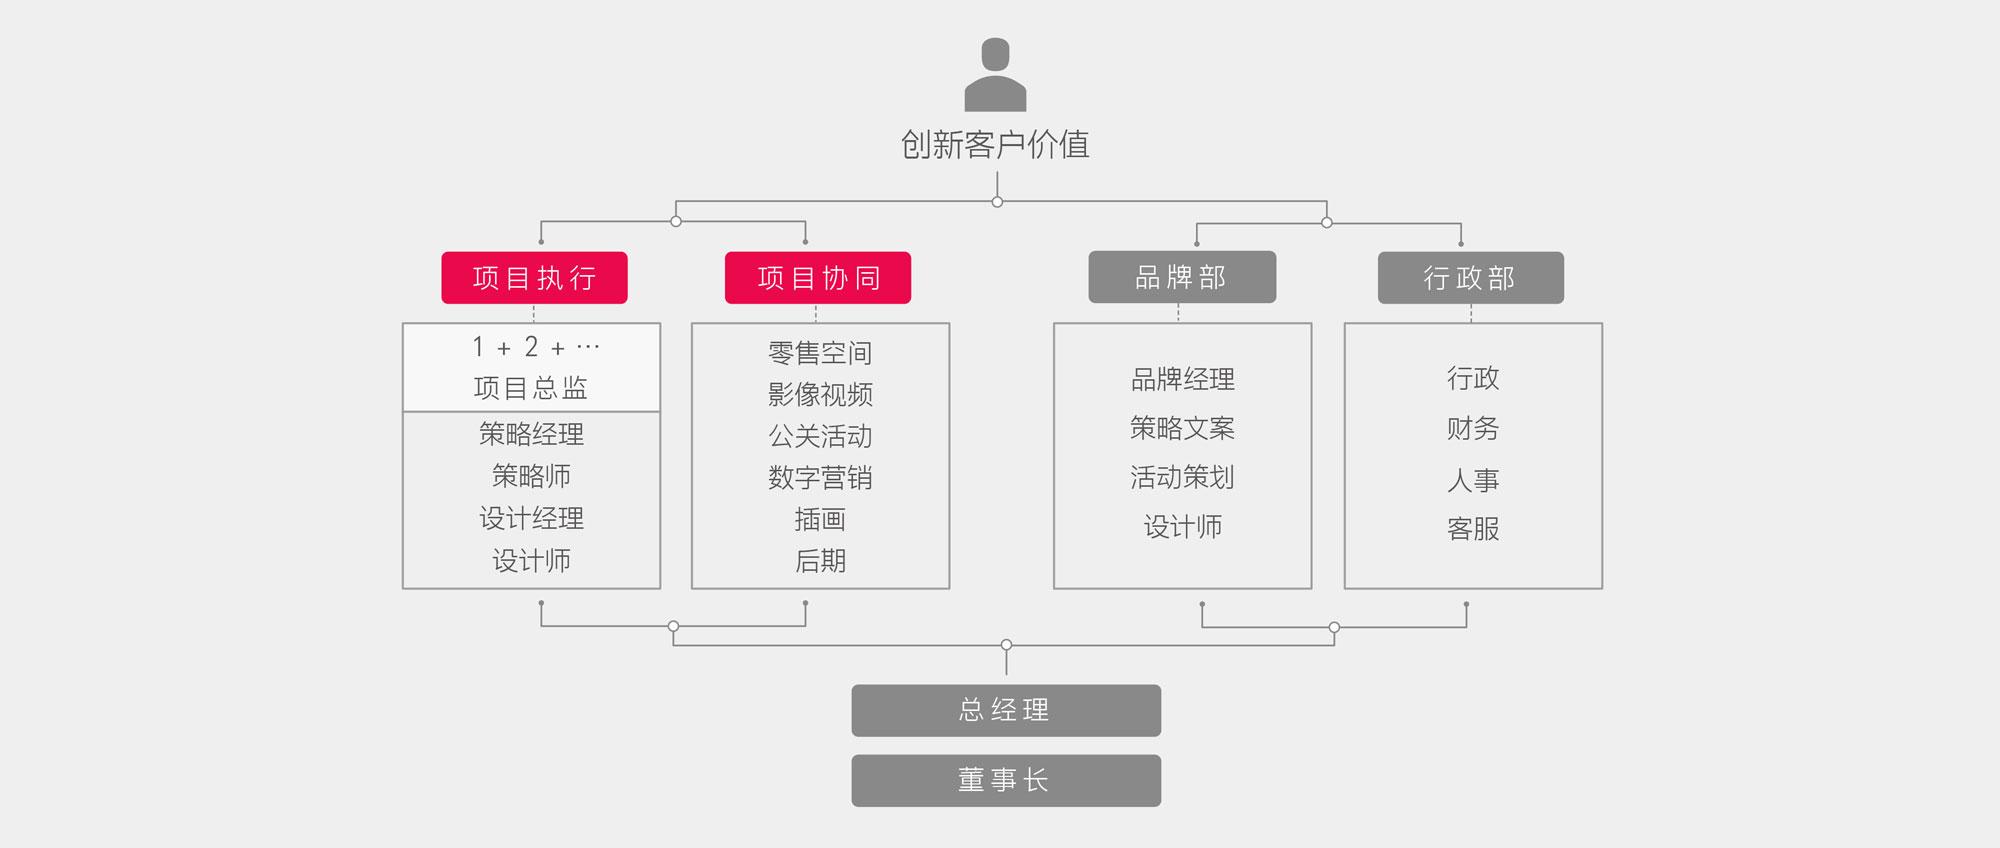 集和组织结构